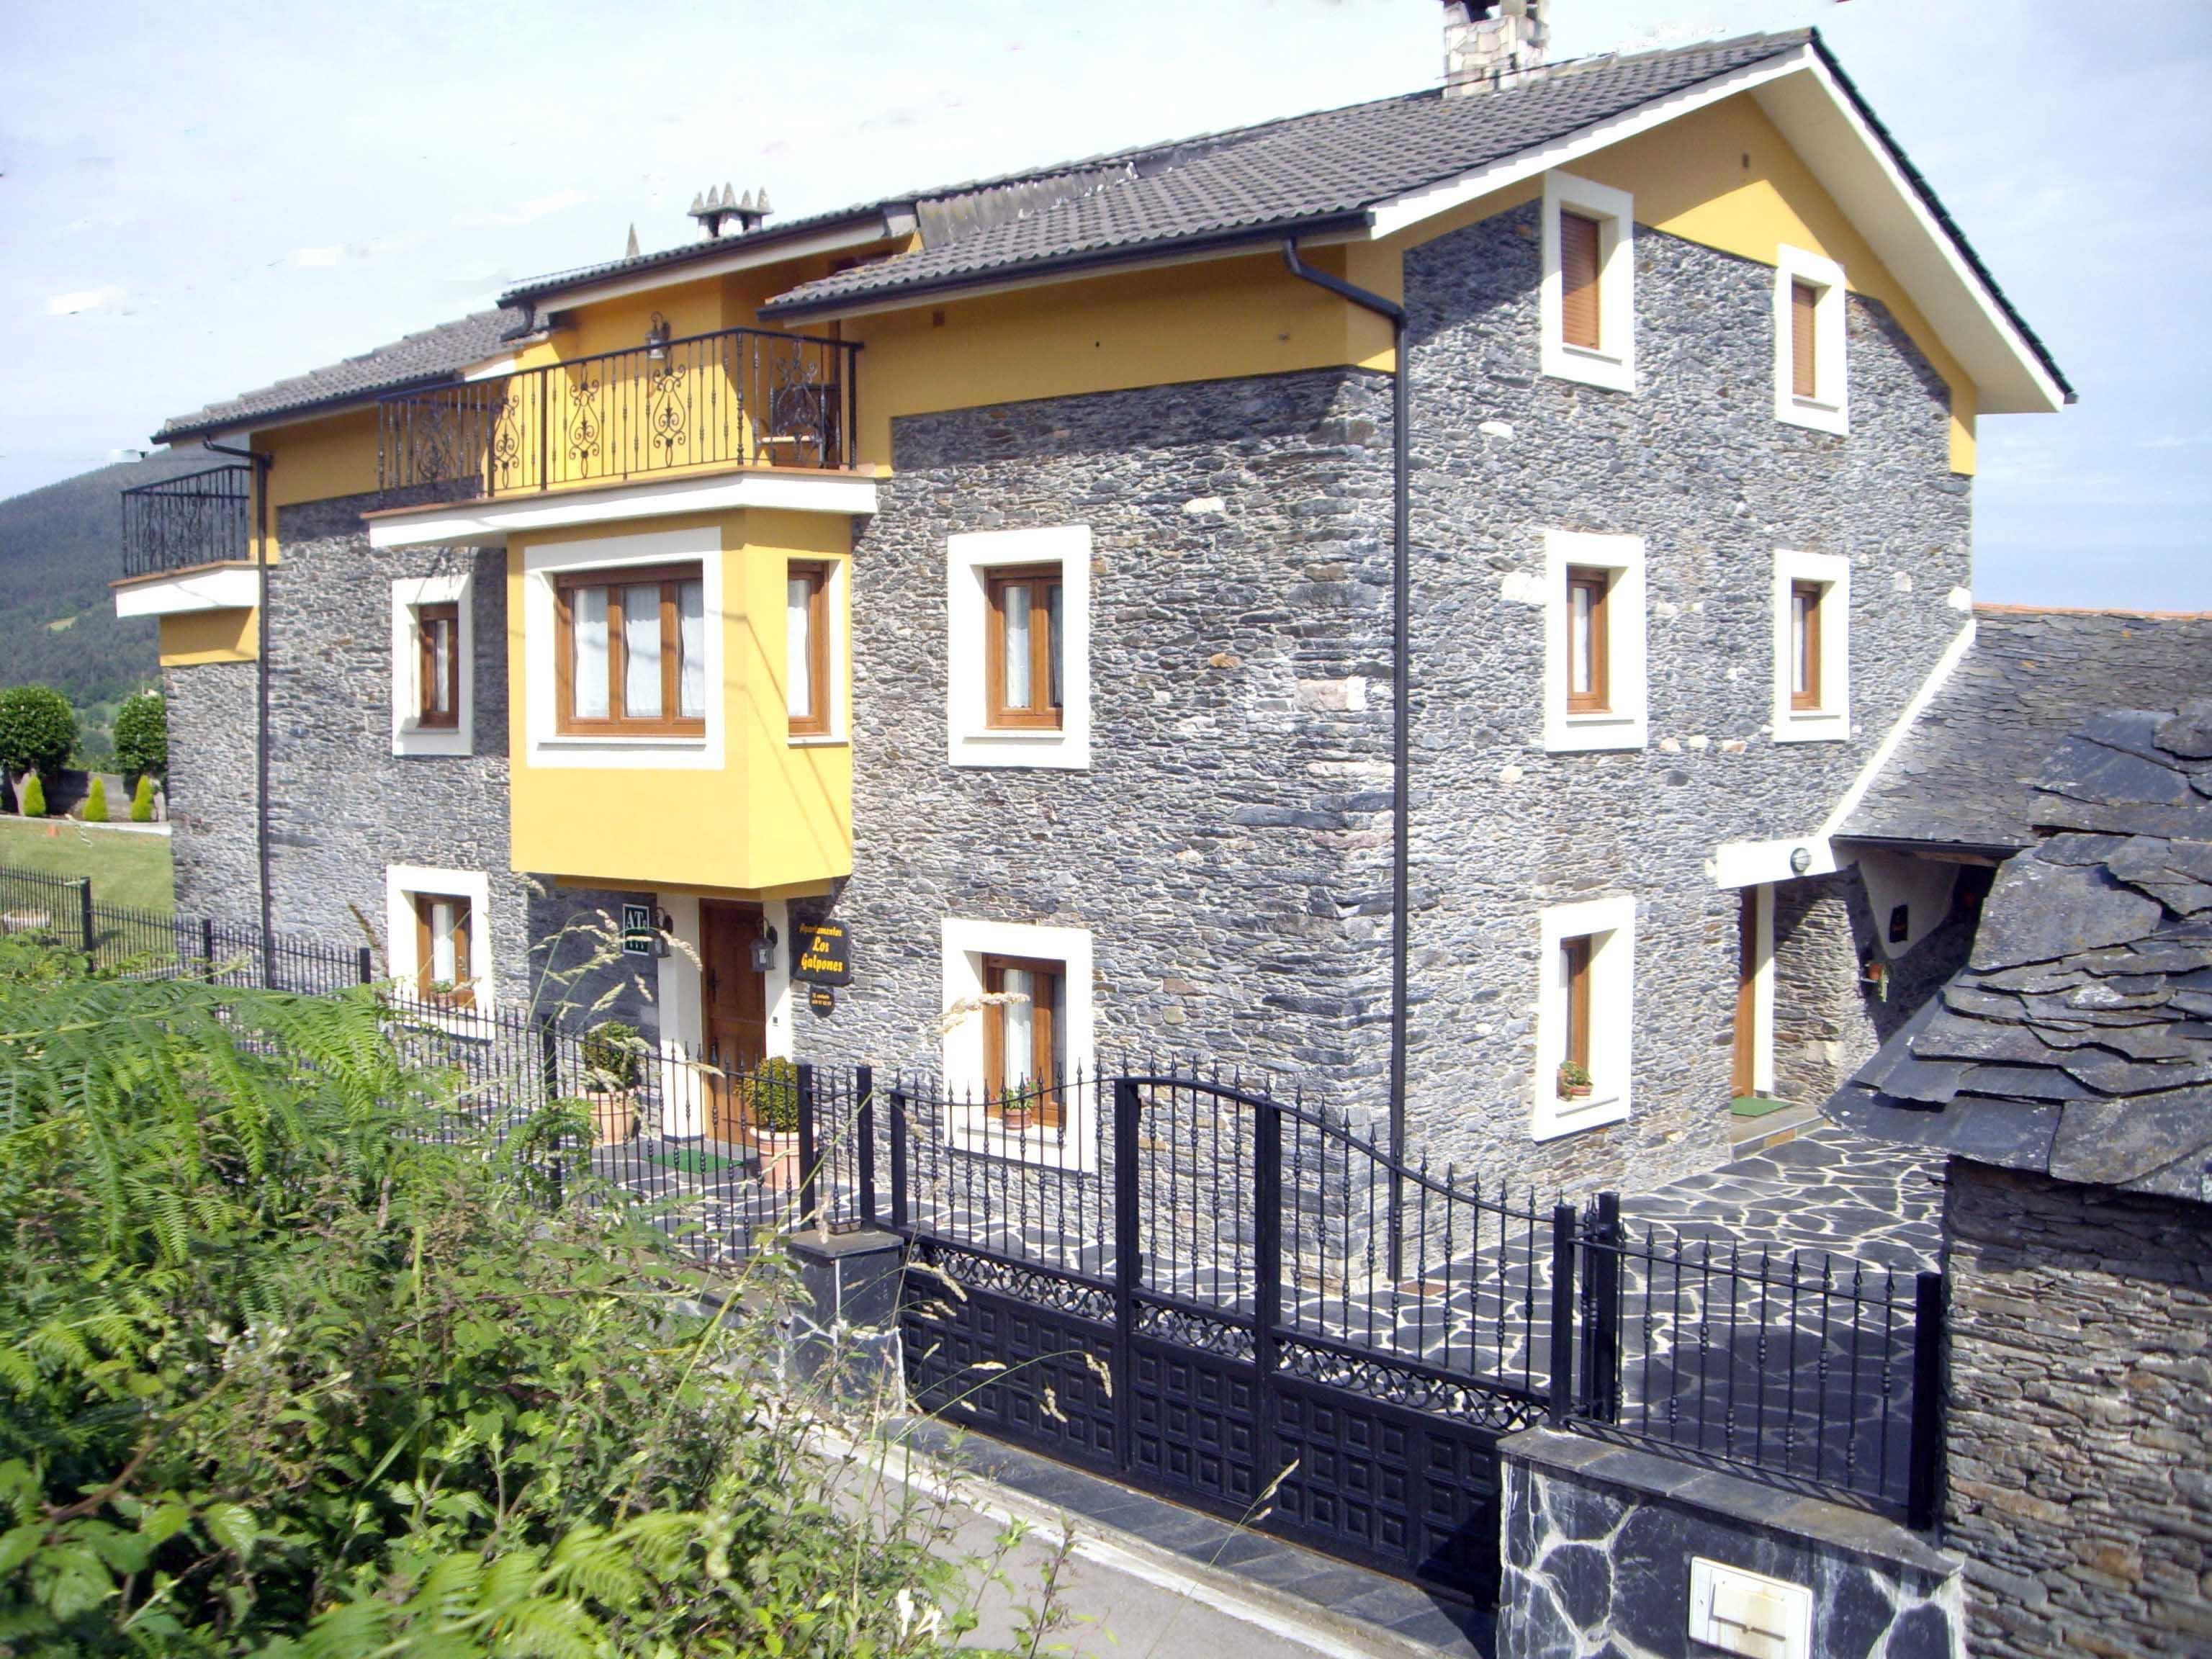 Fotos de apartamentos rurales los galpones asturias - Fotorural asturias ...